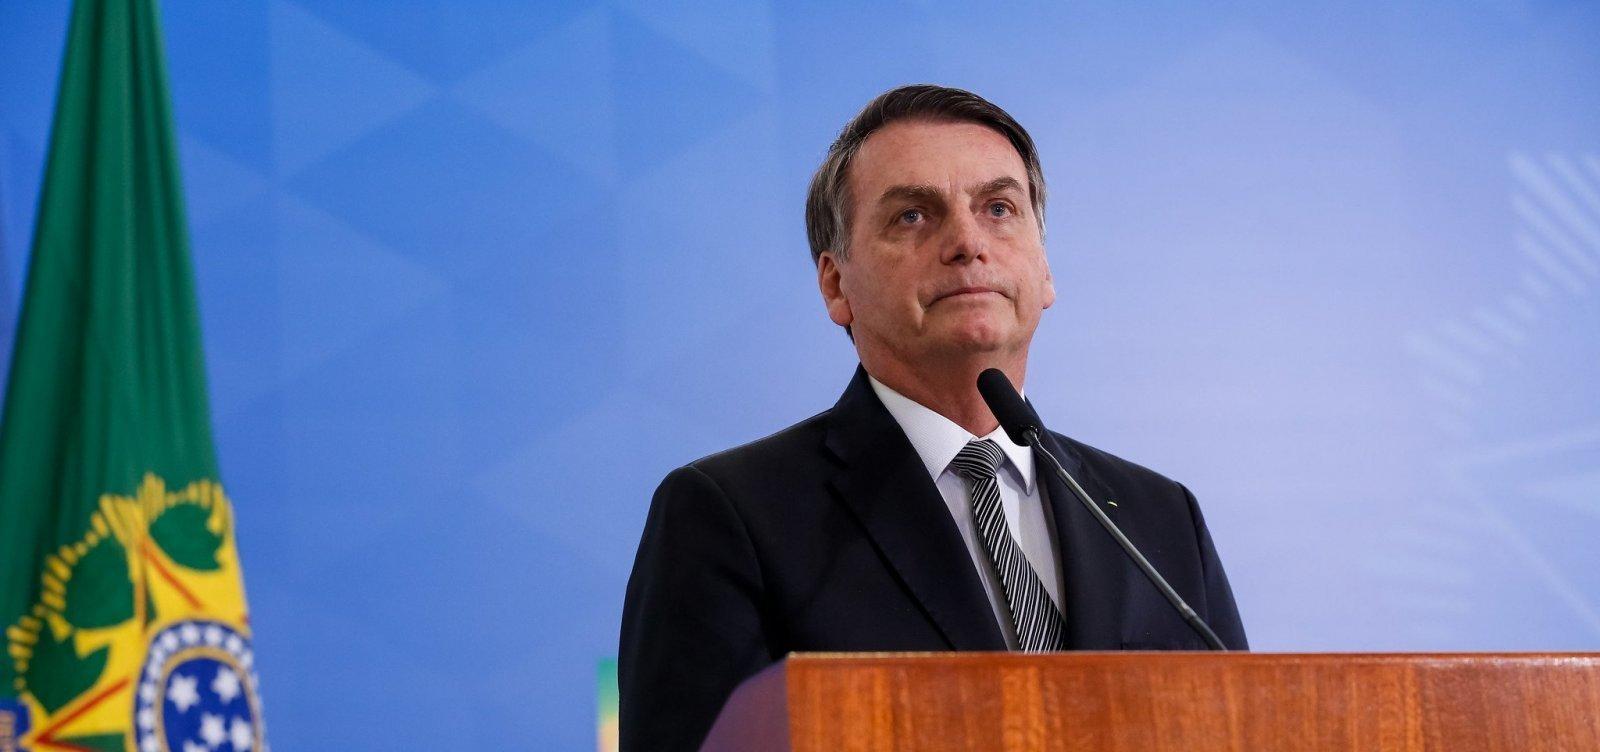 [Bolsonaro diz que Brasil tem questões mais complexas do que problemas raciais]